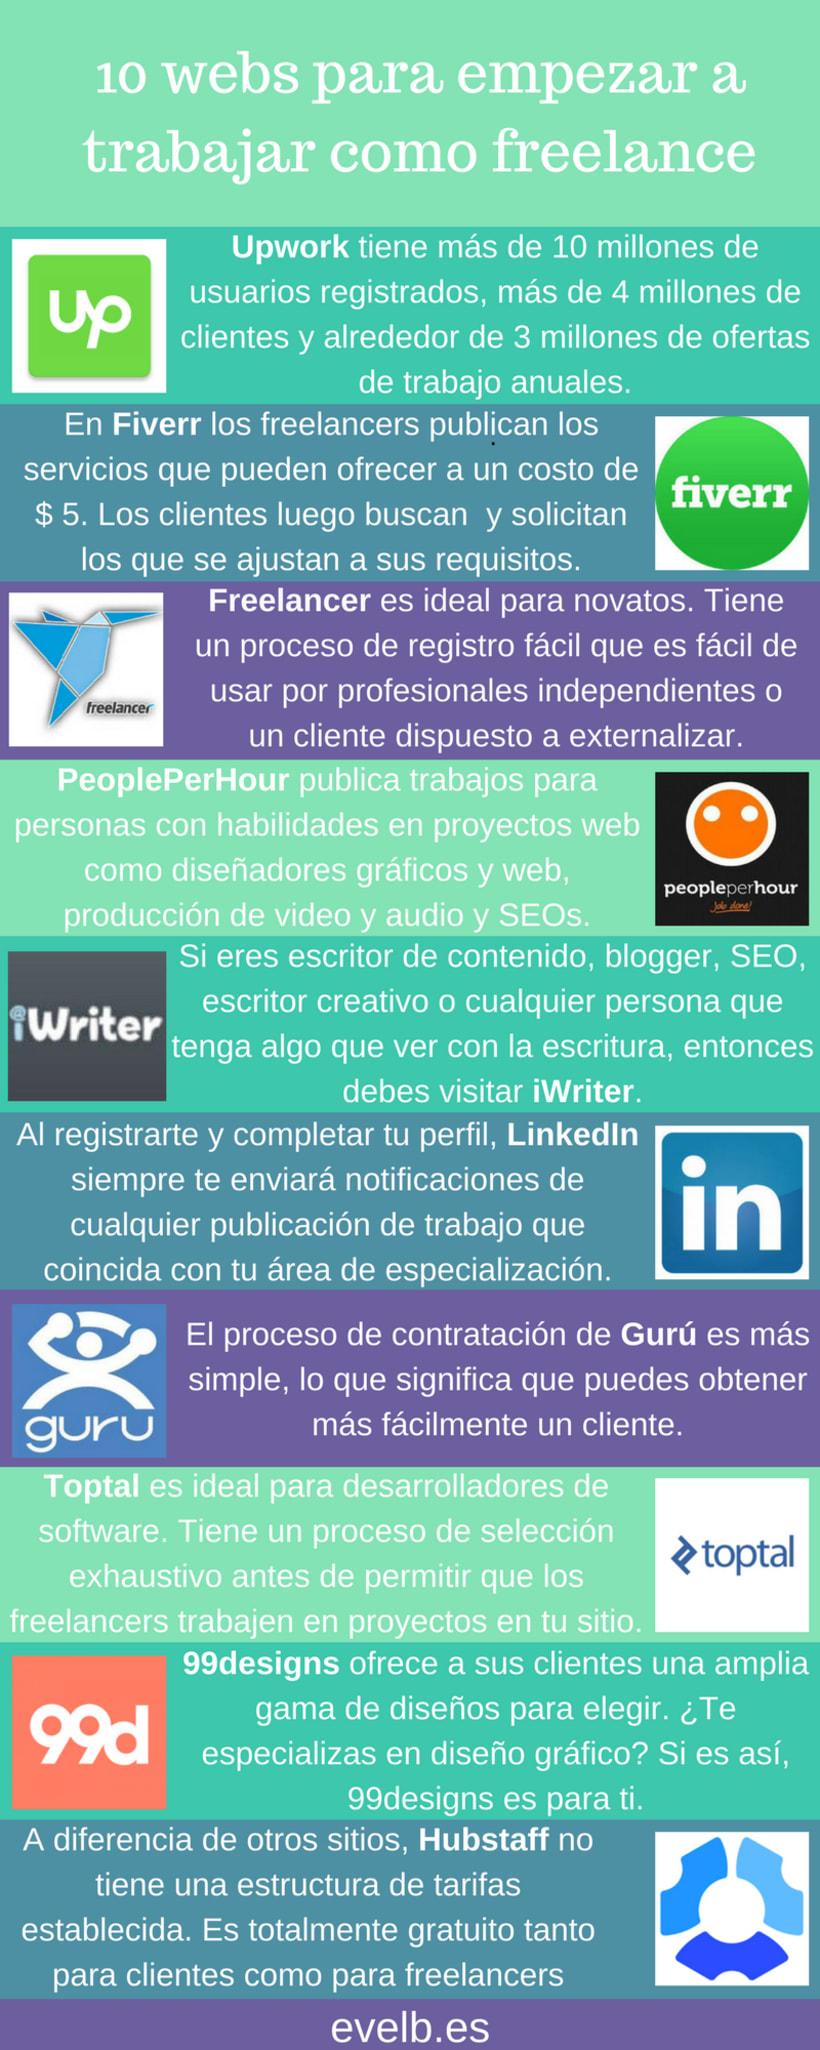 Infografías evelb.es 26